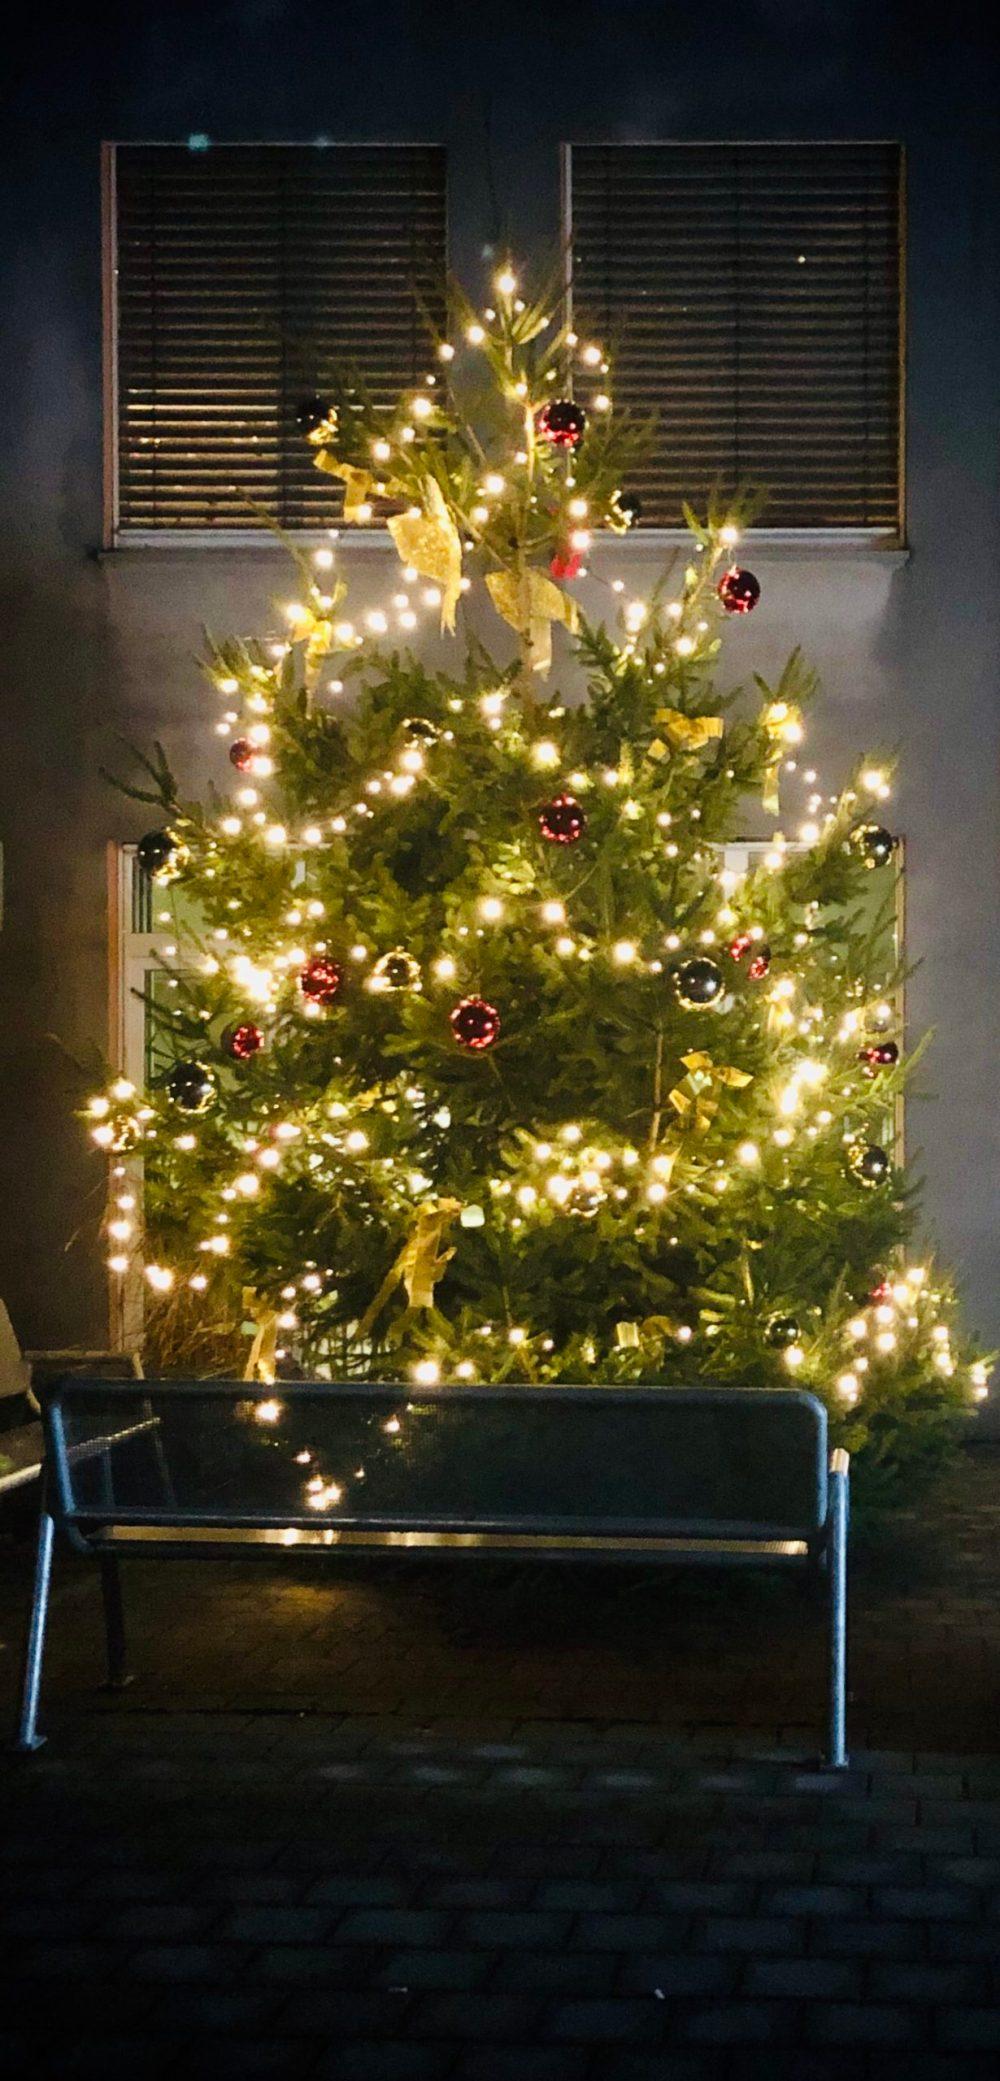 Strahlender Weihnachtsbaum hinter einer Bank